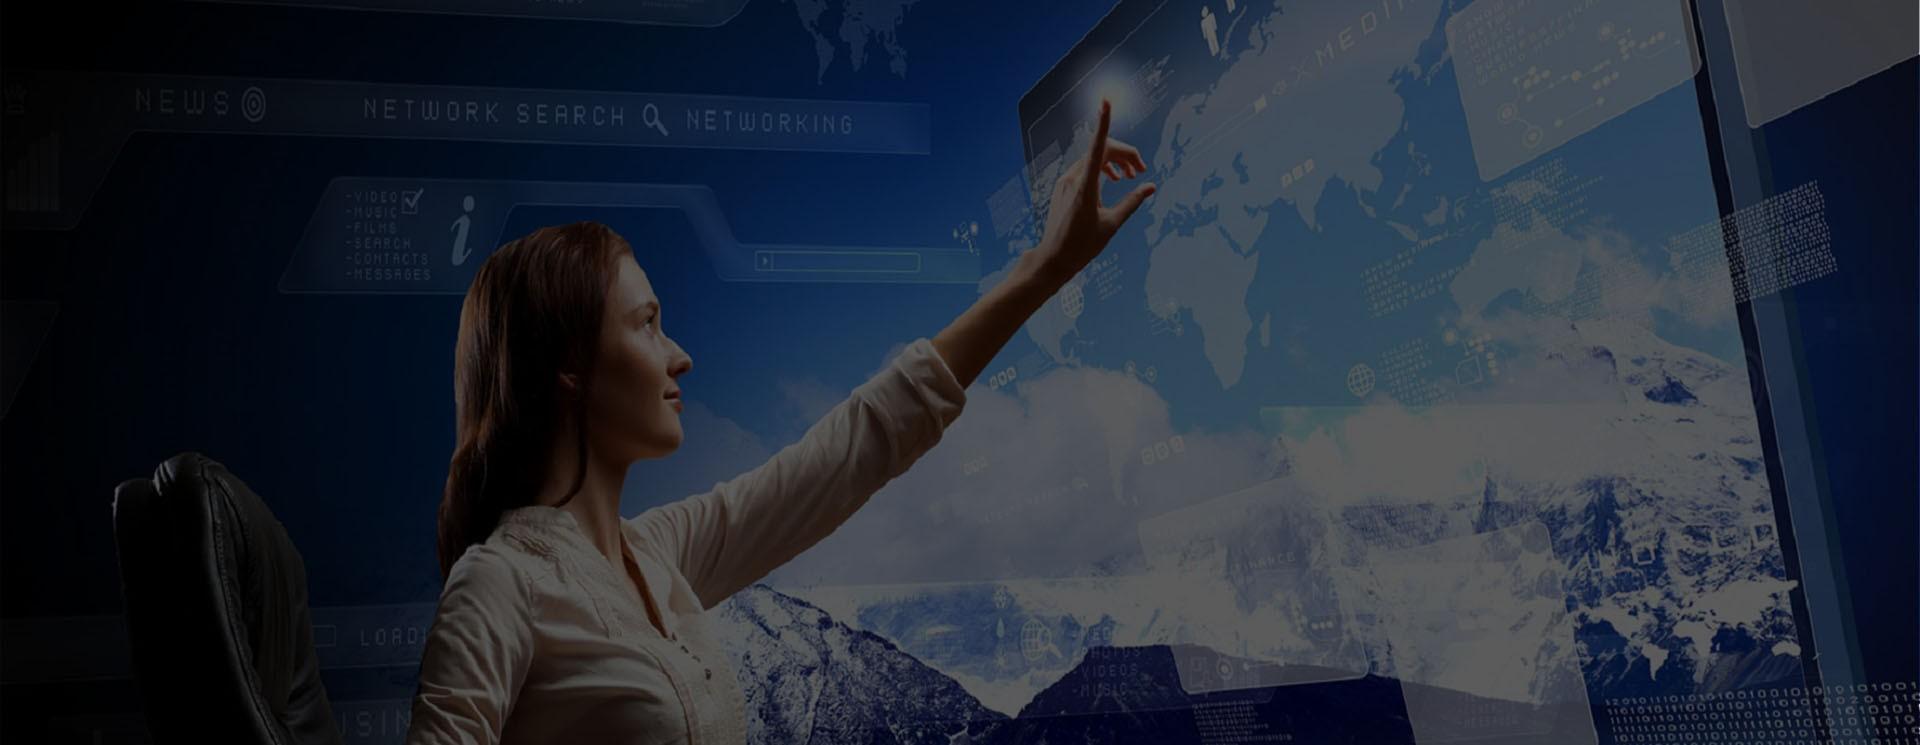 Çevrimiçi Ters Müzayede Sistemimiz ile tanışın... Üç adımda